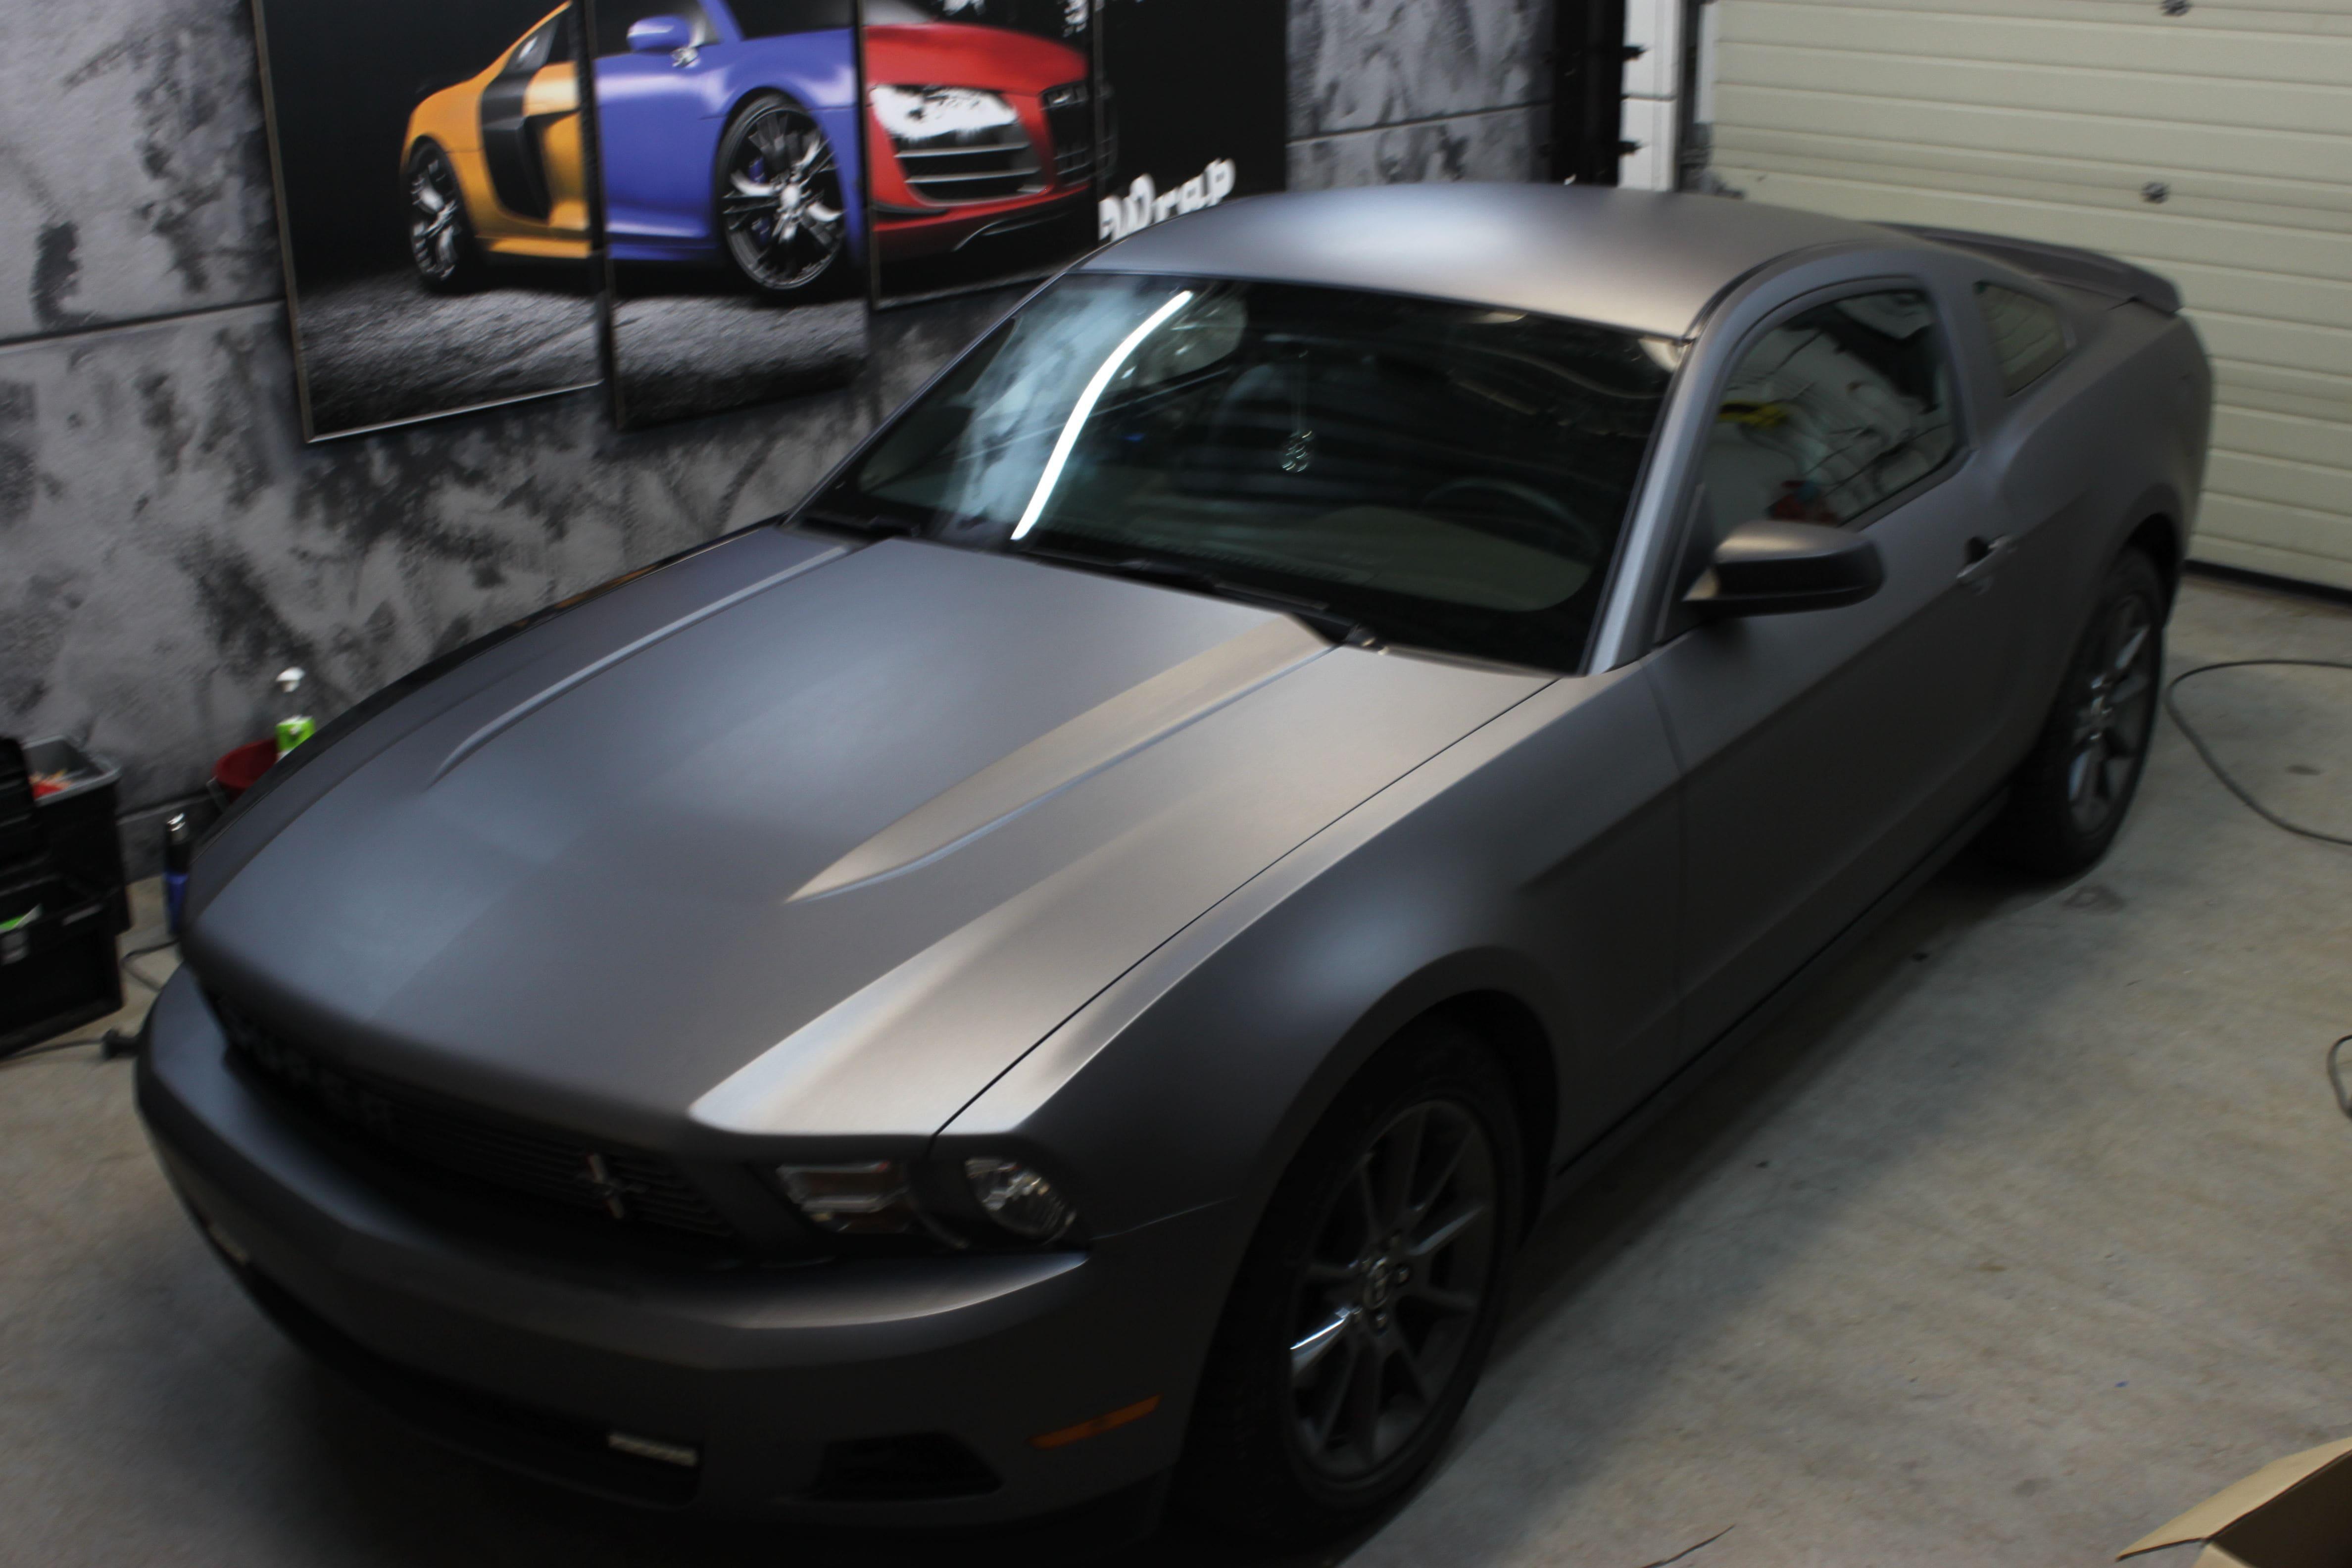 Ford Mustang 2009 met Gunpowder Wrap, Carwrapping door Wrapmyride.nu Foto-nr:5815, ©2020